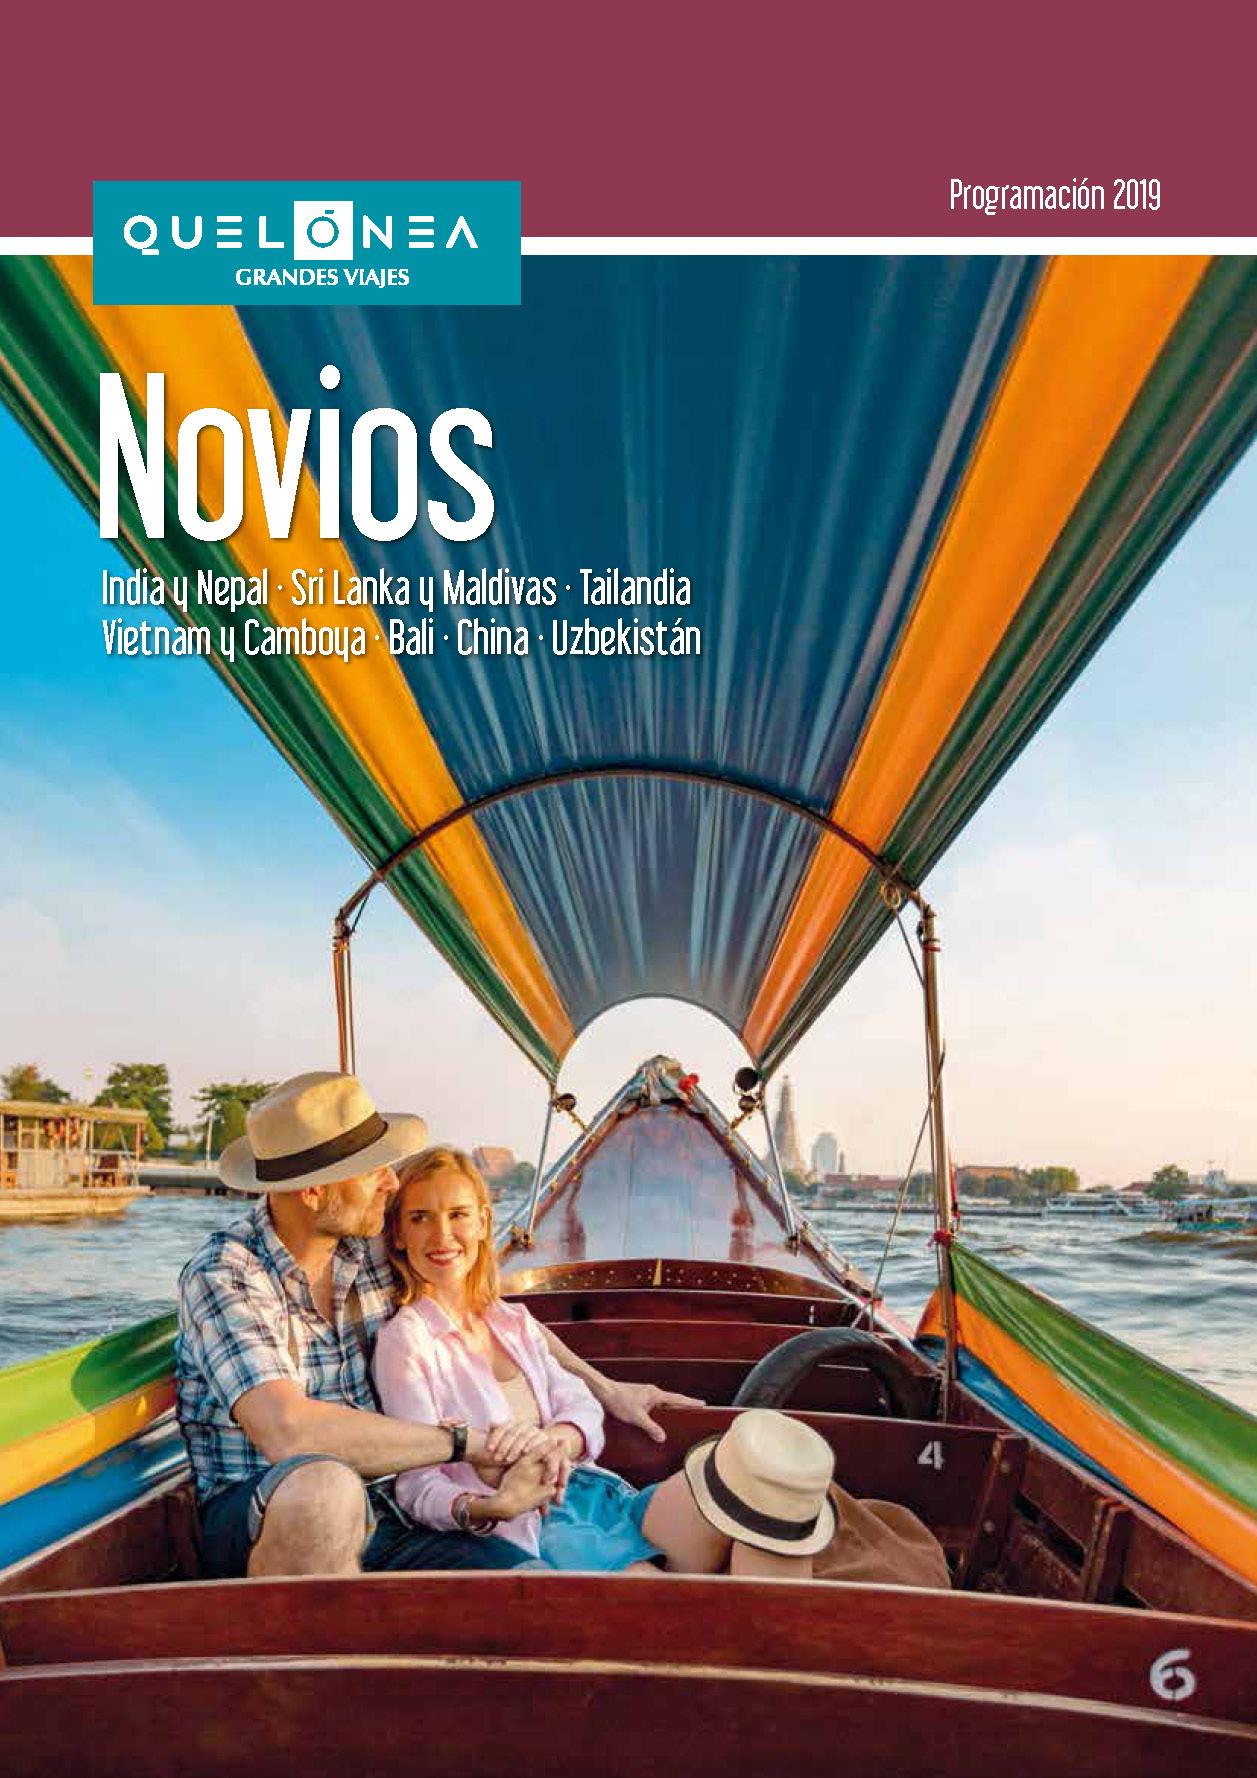 Cuadriptico Quelonea Novios Grandes Viajes 2019